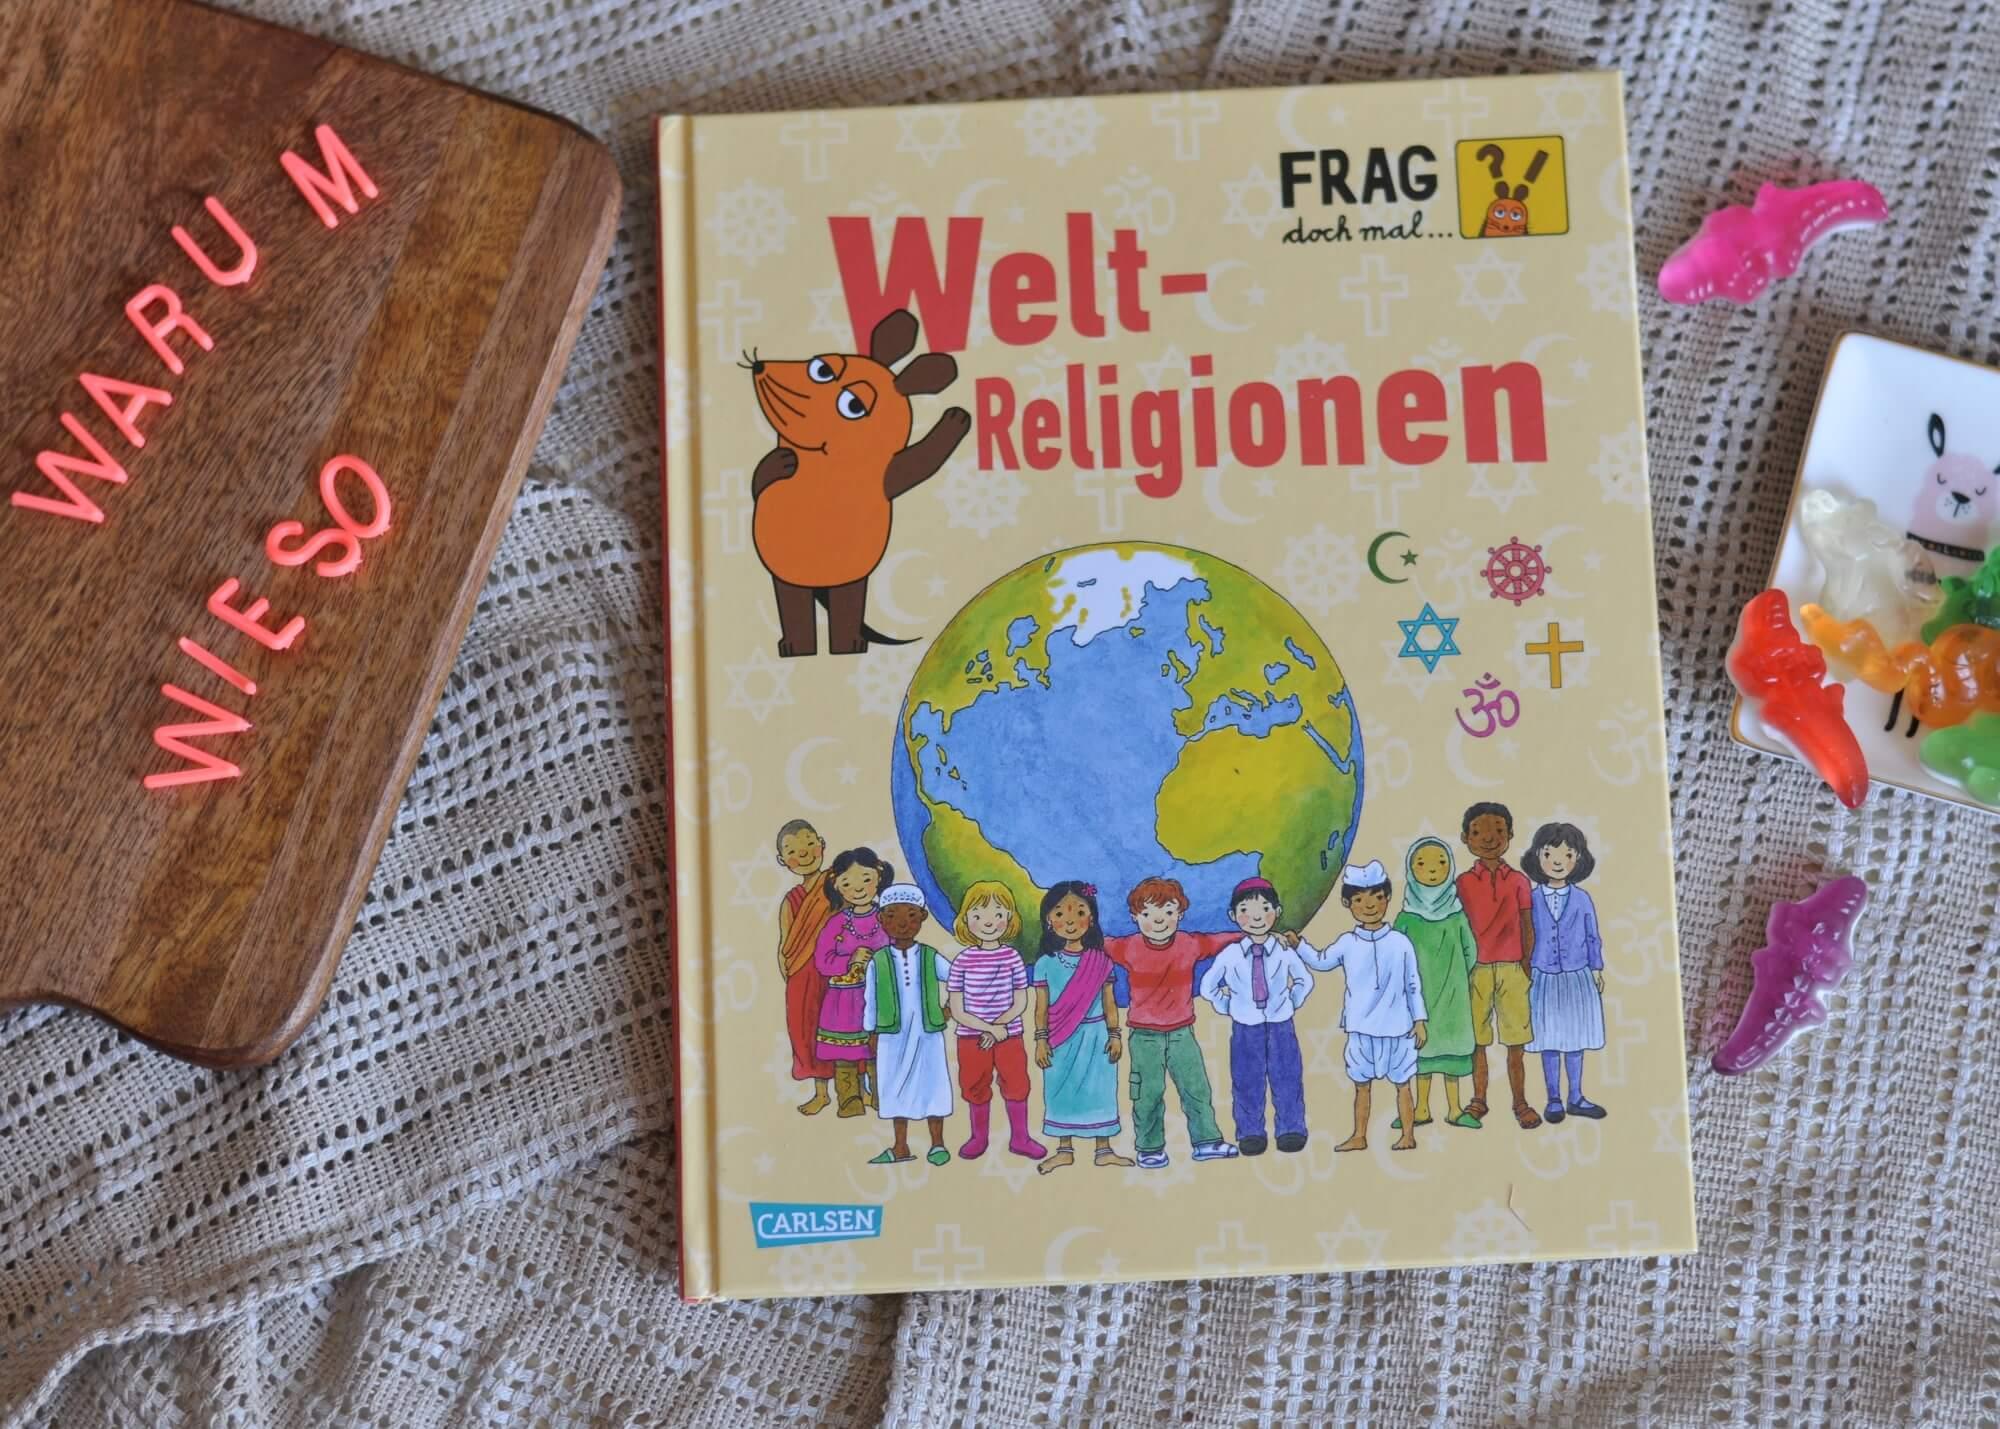 """Frag doch mal die Maus - Sachbücher für Leseanfänger, die auf viele Kinderfragen eine Antwort wissen. Kommen Tiere in den Himmel? Wer war Buddha? Was ist das Zuckerfest? In """"Welt-Religionen"""" werden die fünf großen Religionen kindgerecht erklärt. #religion #kinderbuch #sachbuch #lesen #schule #grundschule #fragen #diemaus #maus #wissen"""